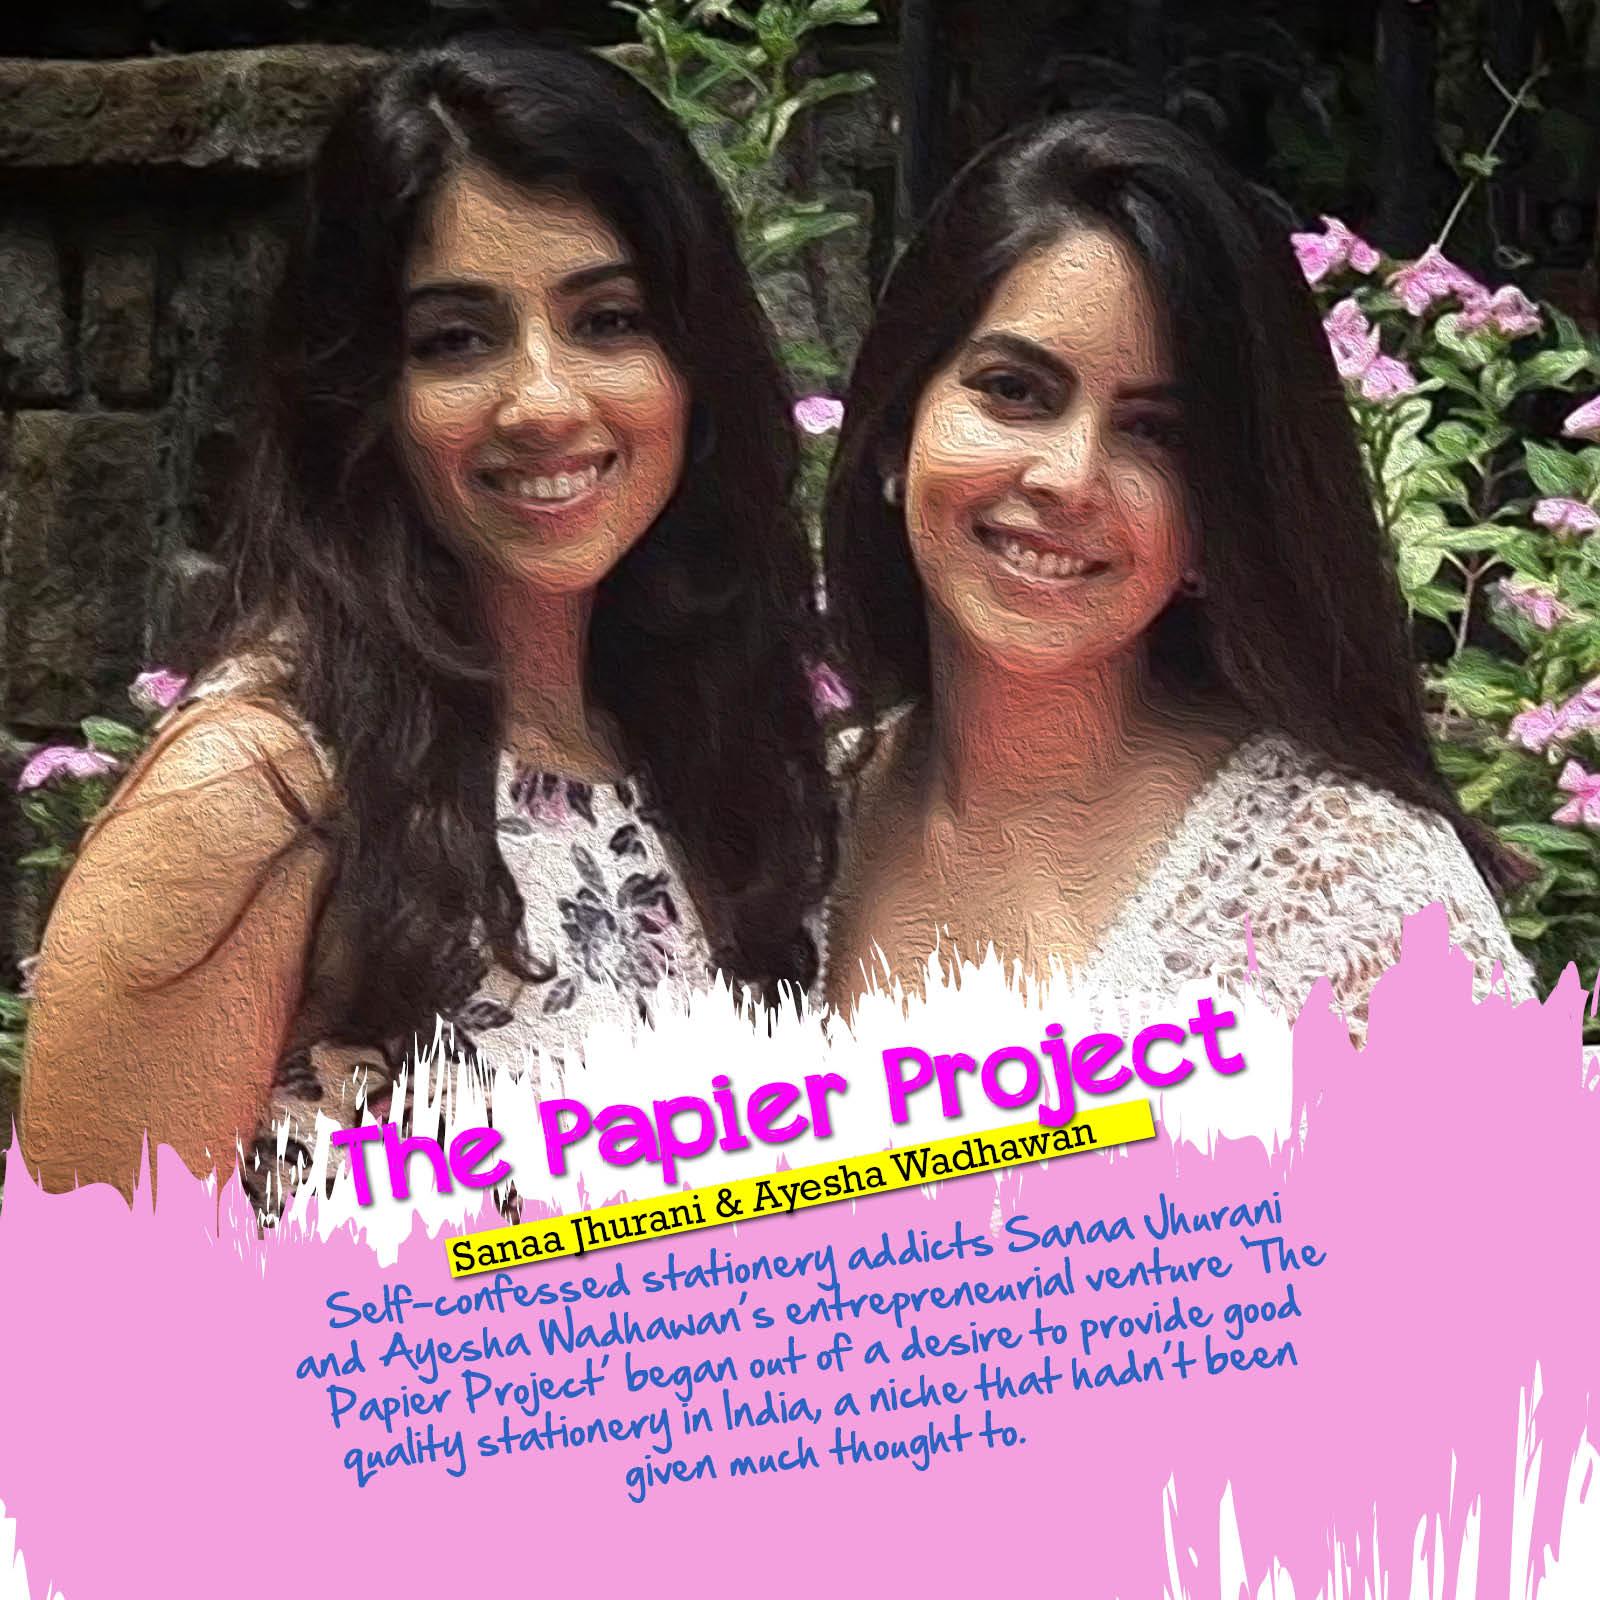 The Papier Project